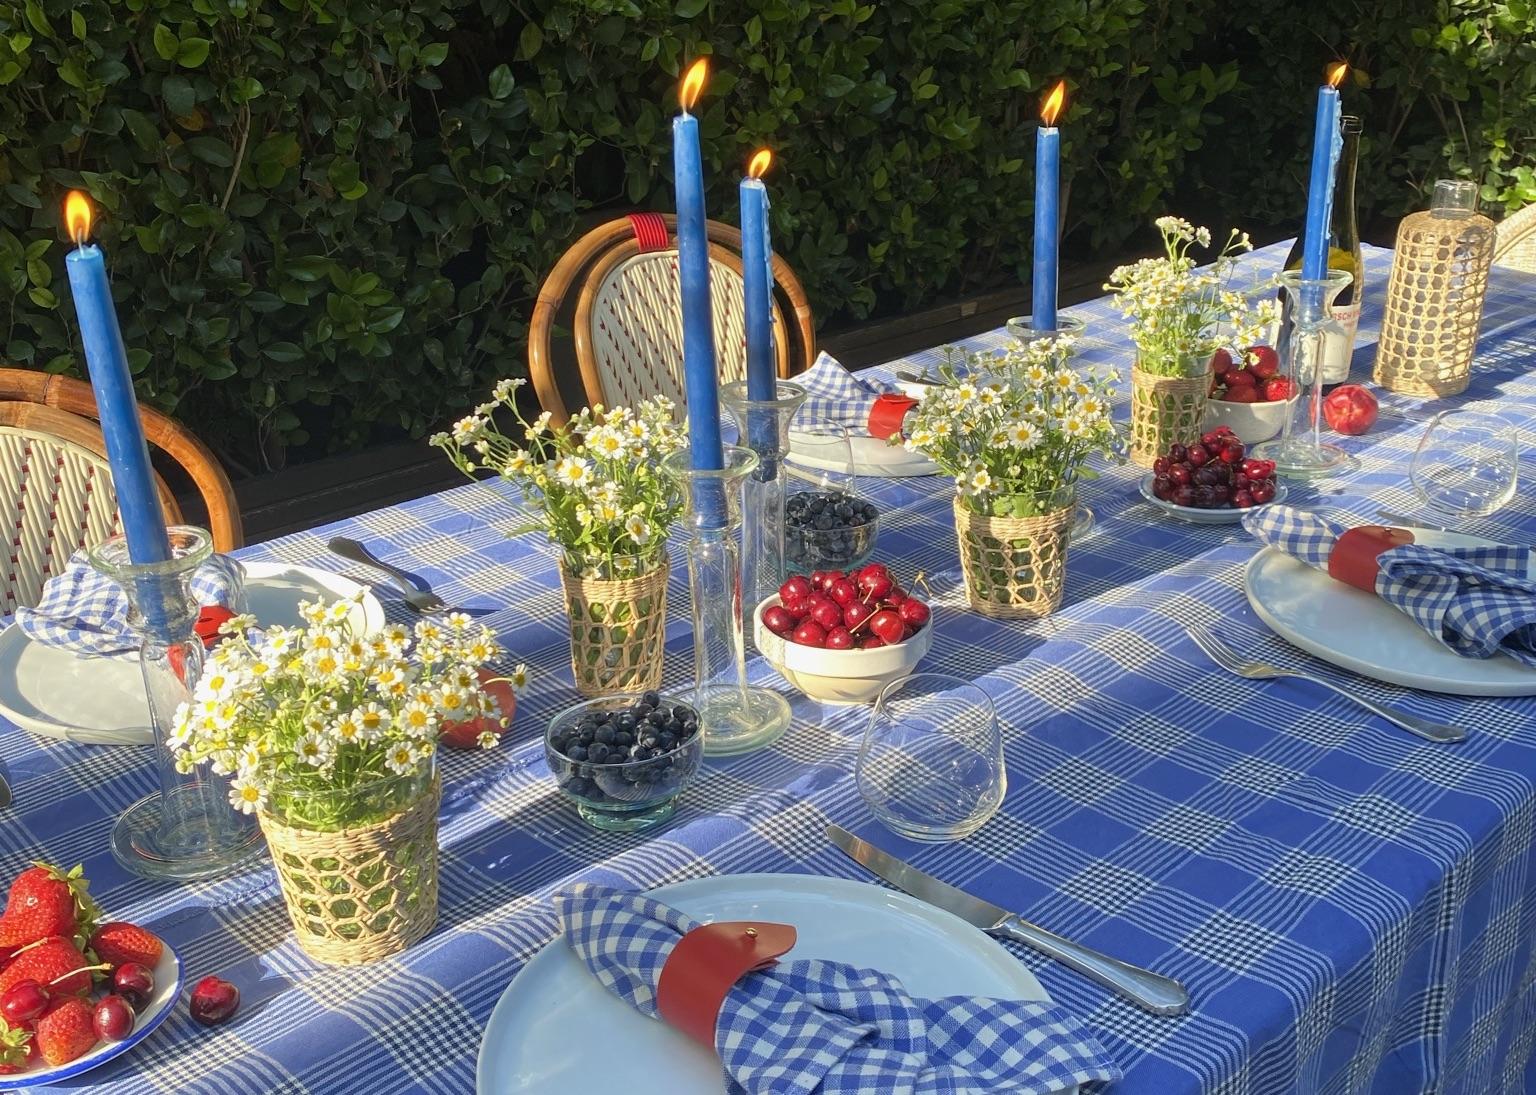 plaid blue table